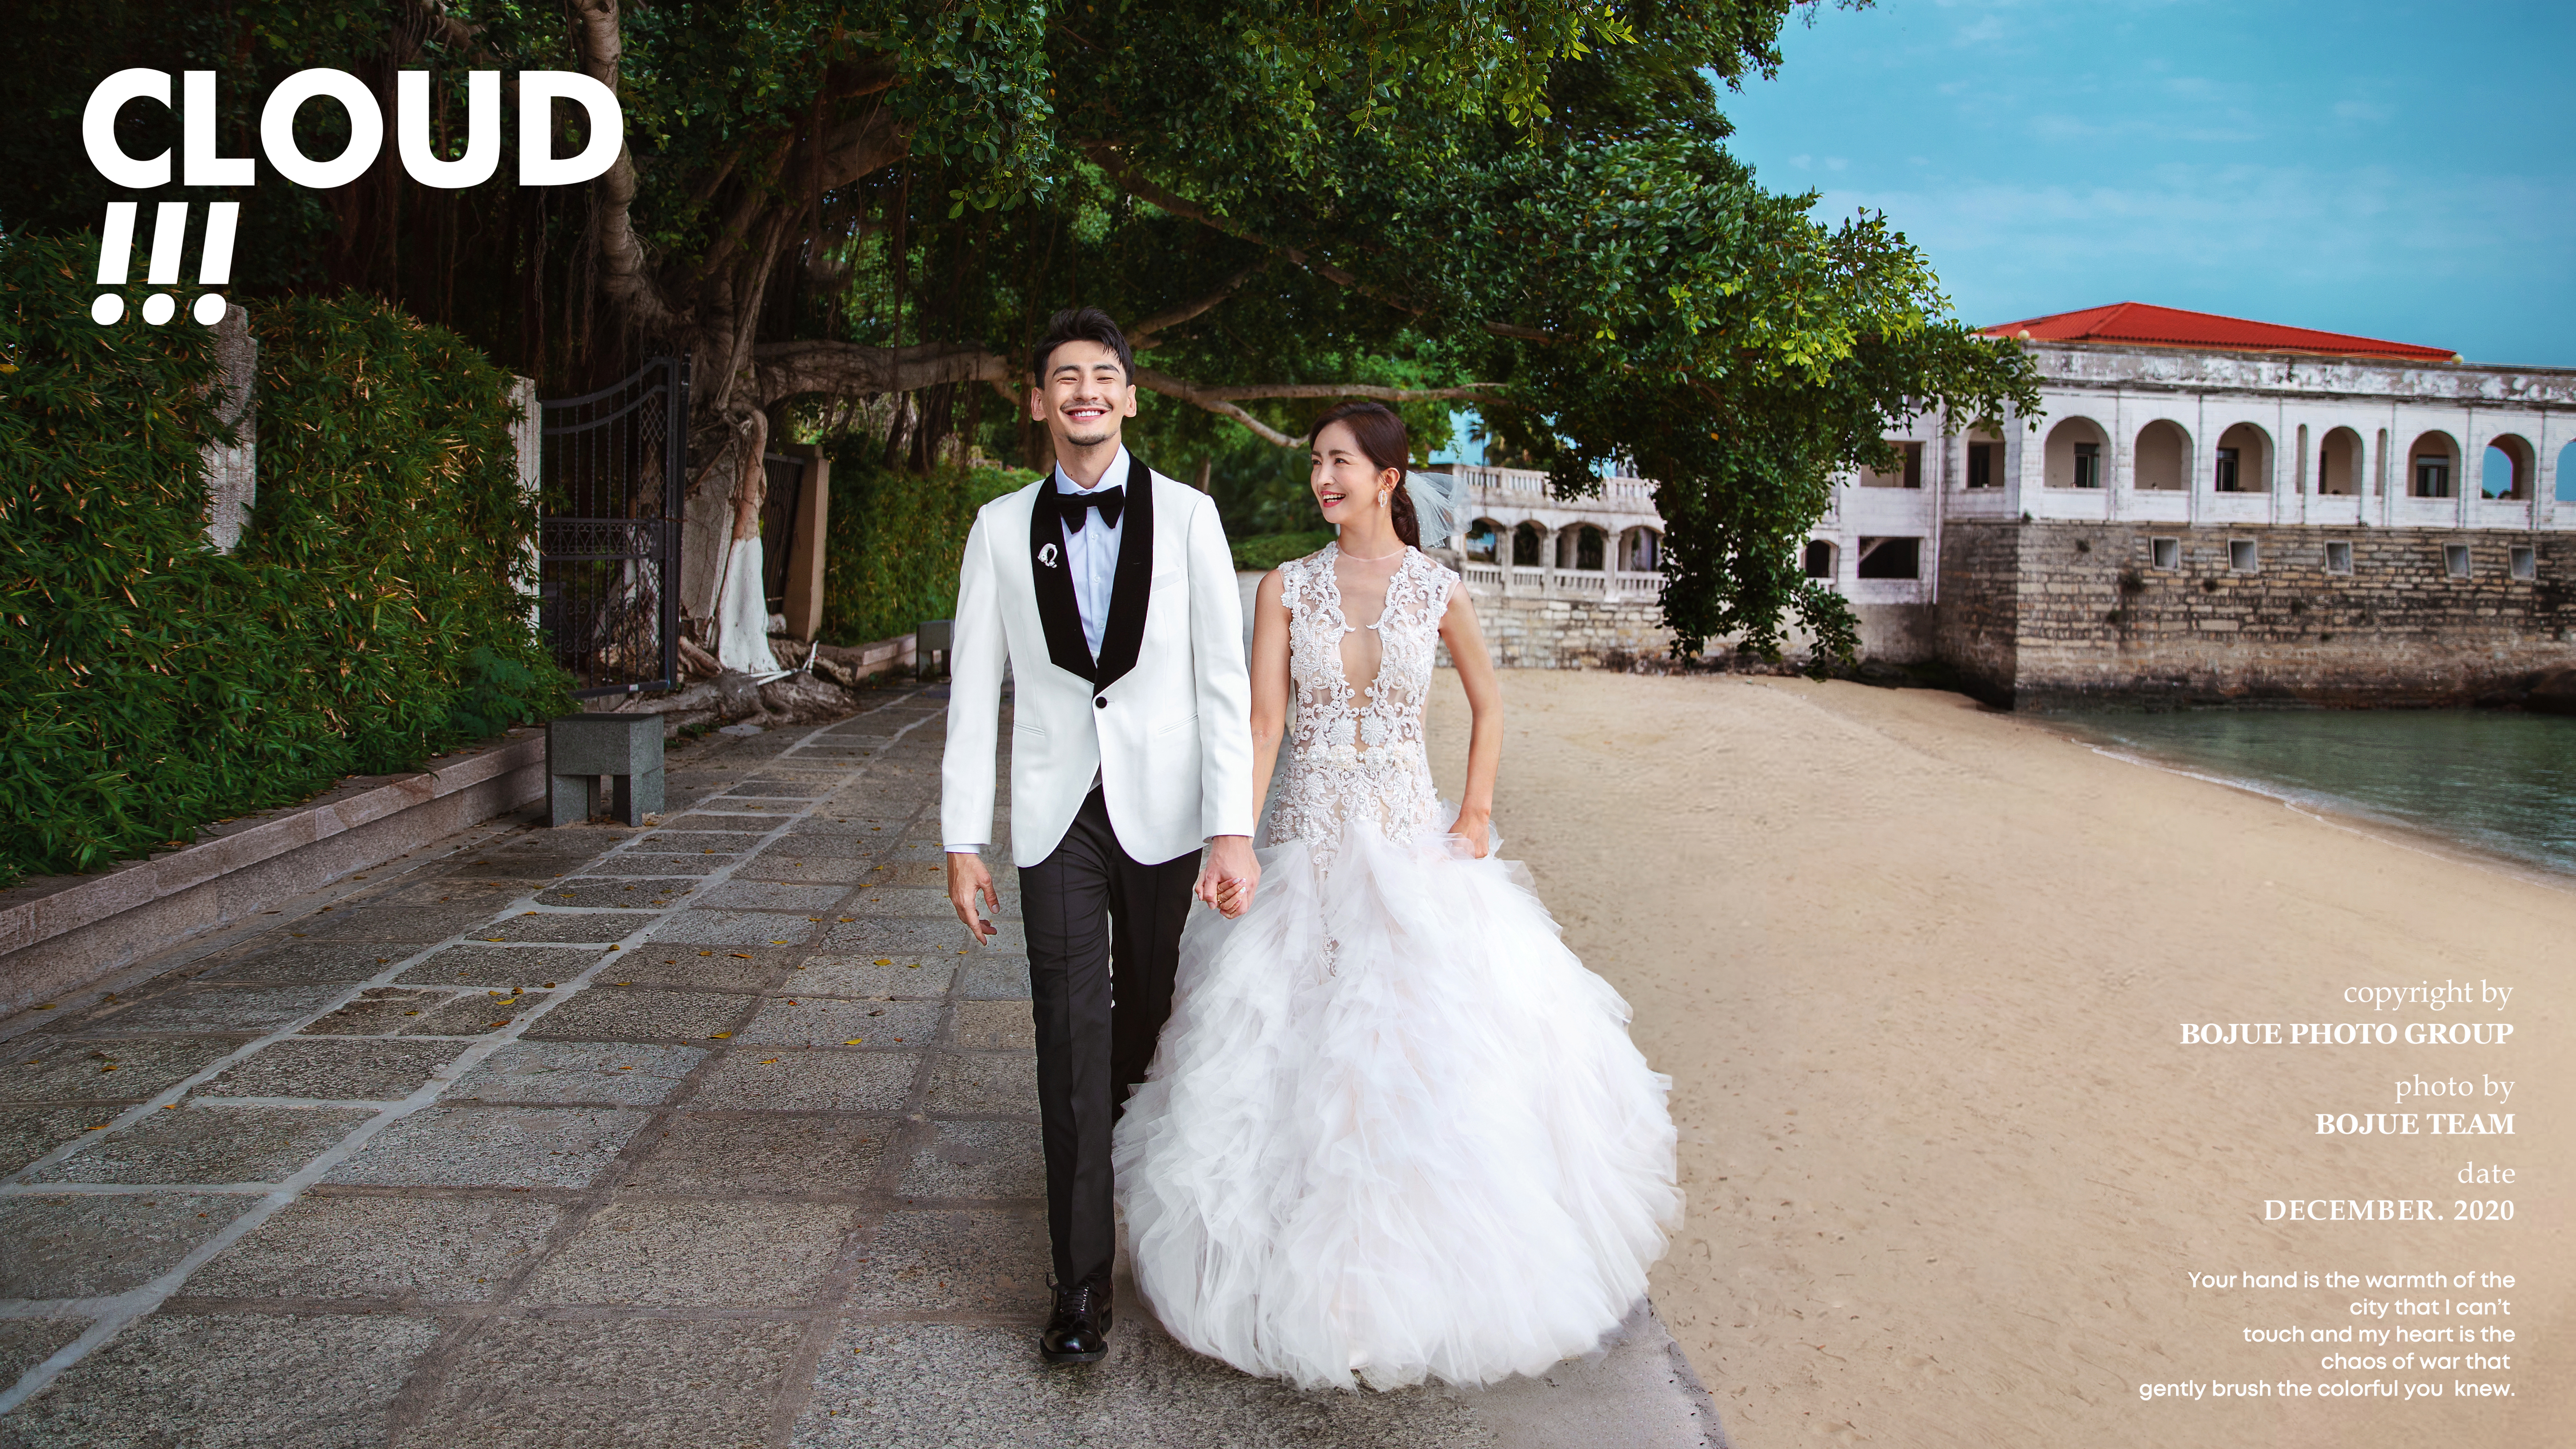 厦门旅拍婚纱照常见的问题有哪些?旅拍婚纱照的拍摄技巧